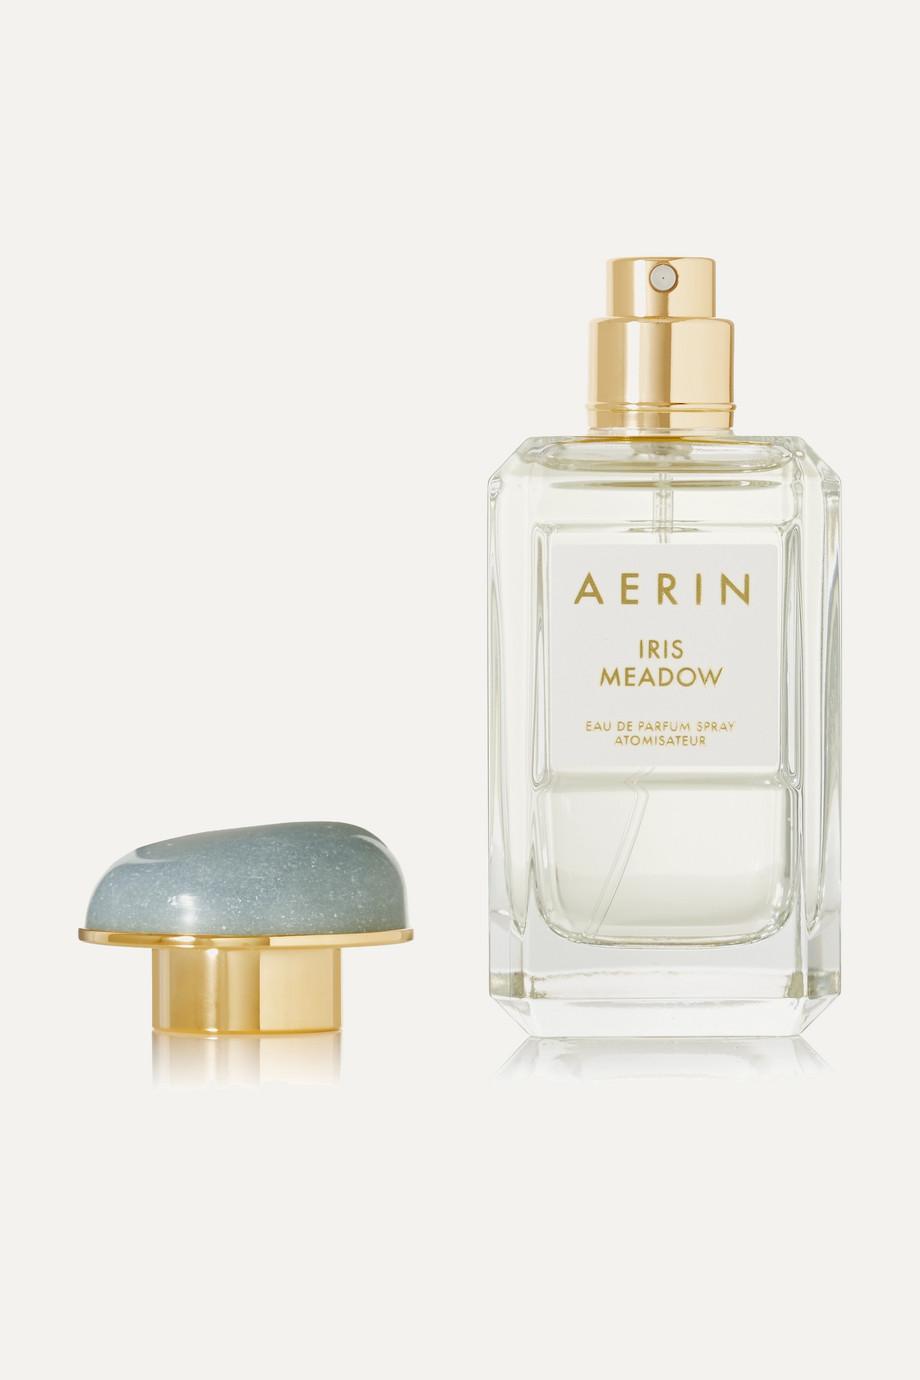 AERIN Beauty Iris Meadow Eau de Parfum, 50ml